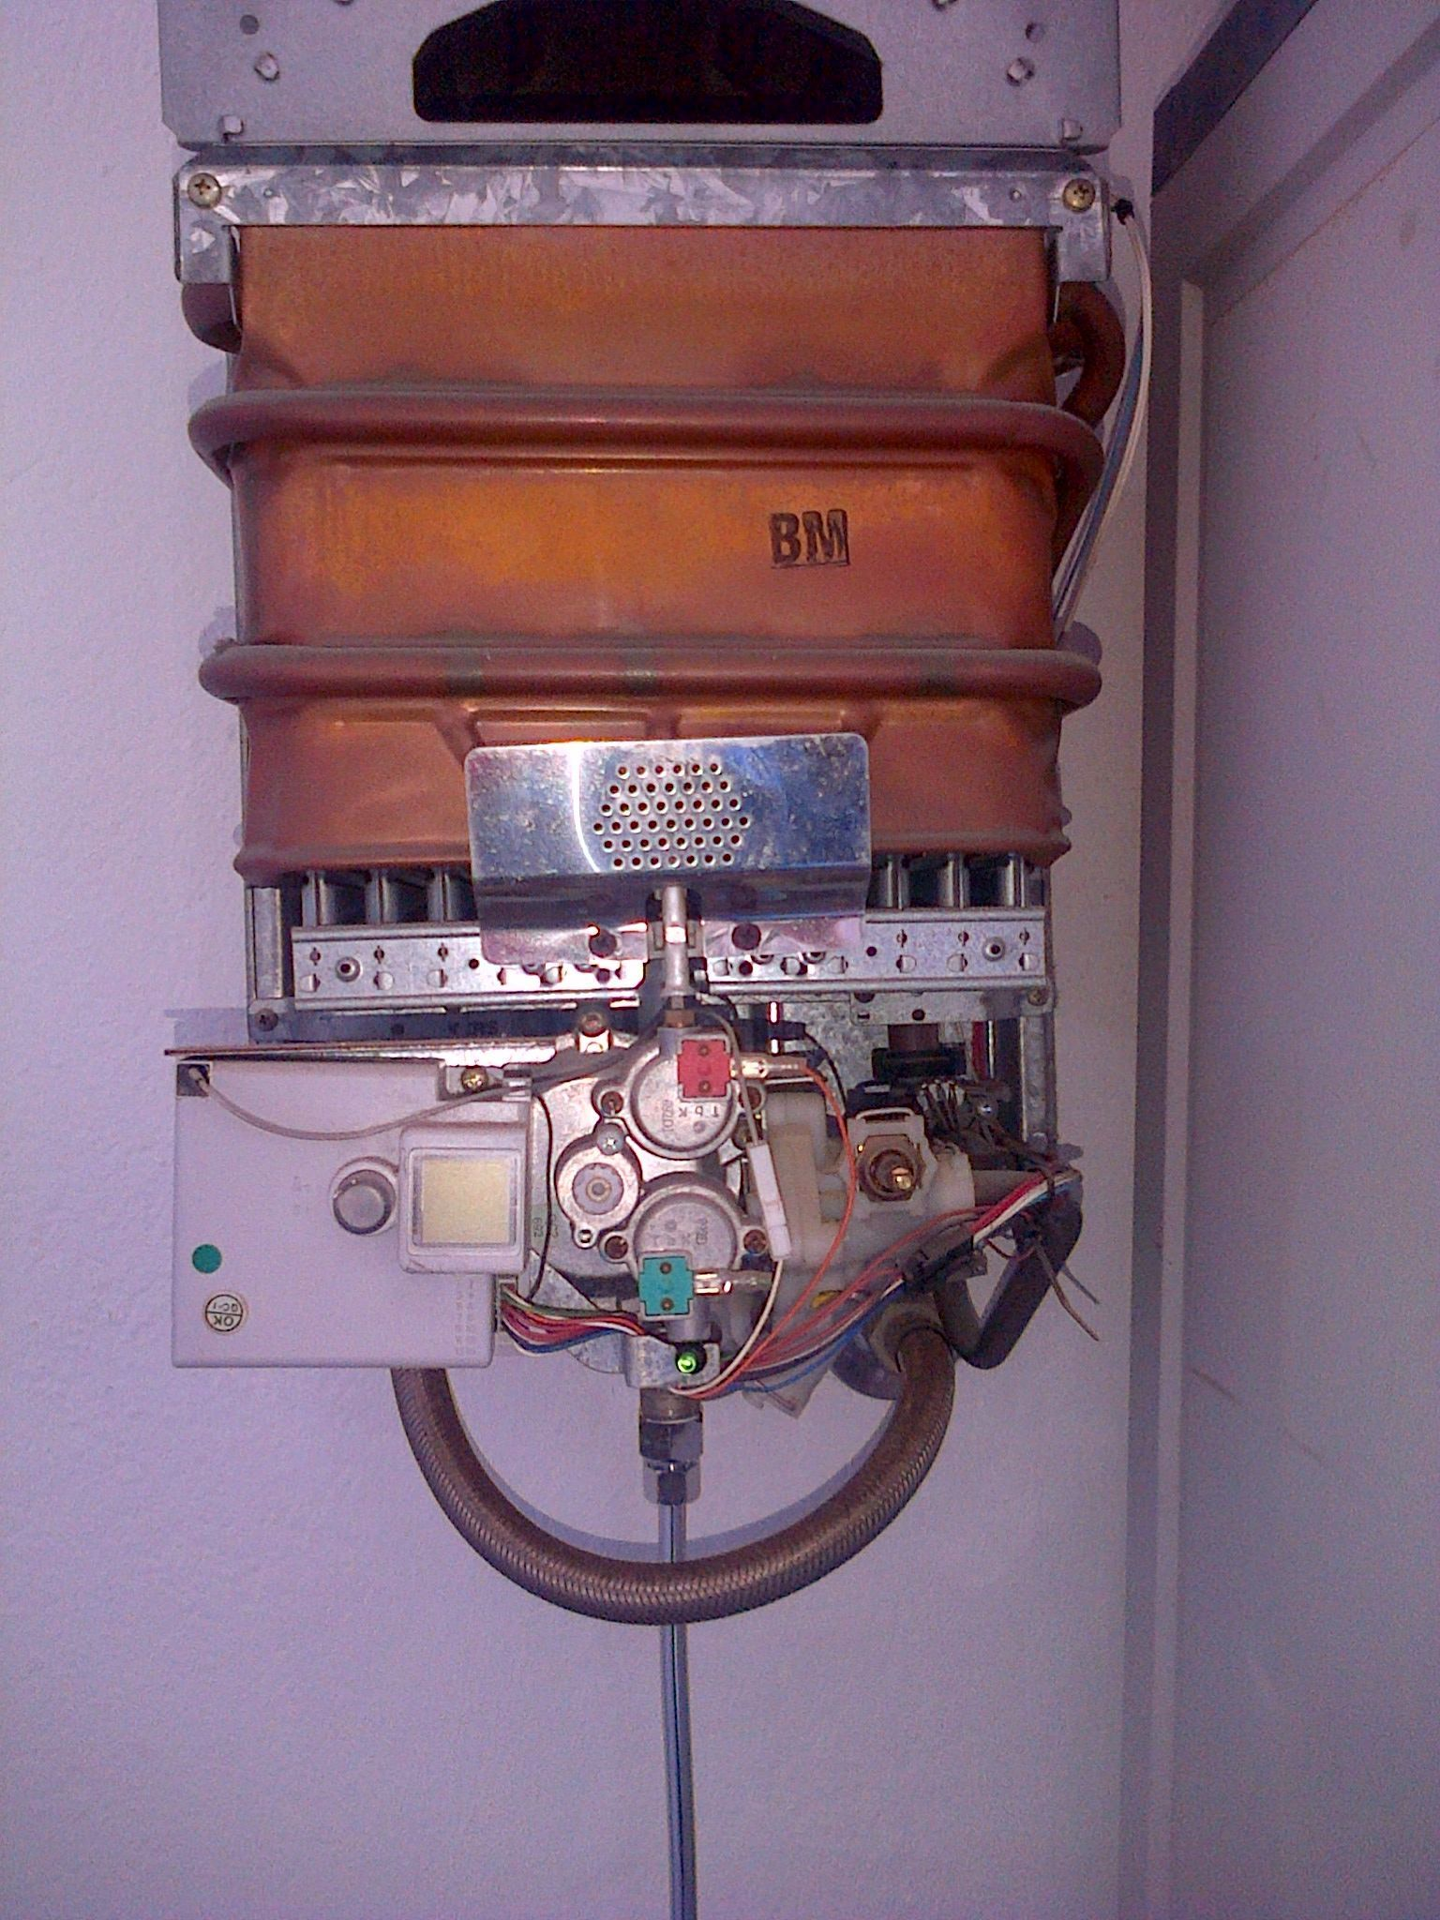 Bricomart radiadores precios un blog sobre bienes inmuebles - Precios de radiadores de agua ...